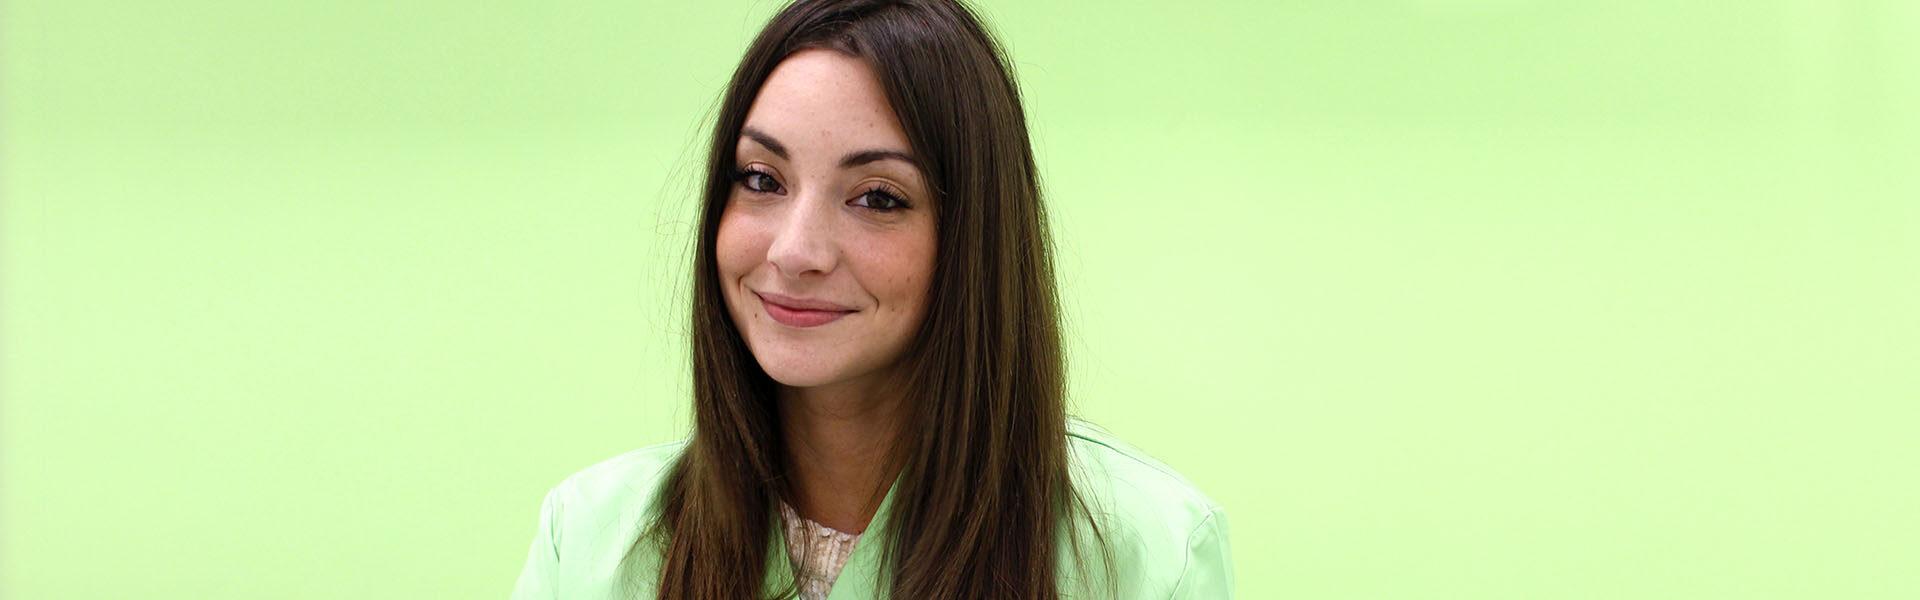 Martina Mastrantonio, Tutor all'apprendimento